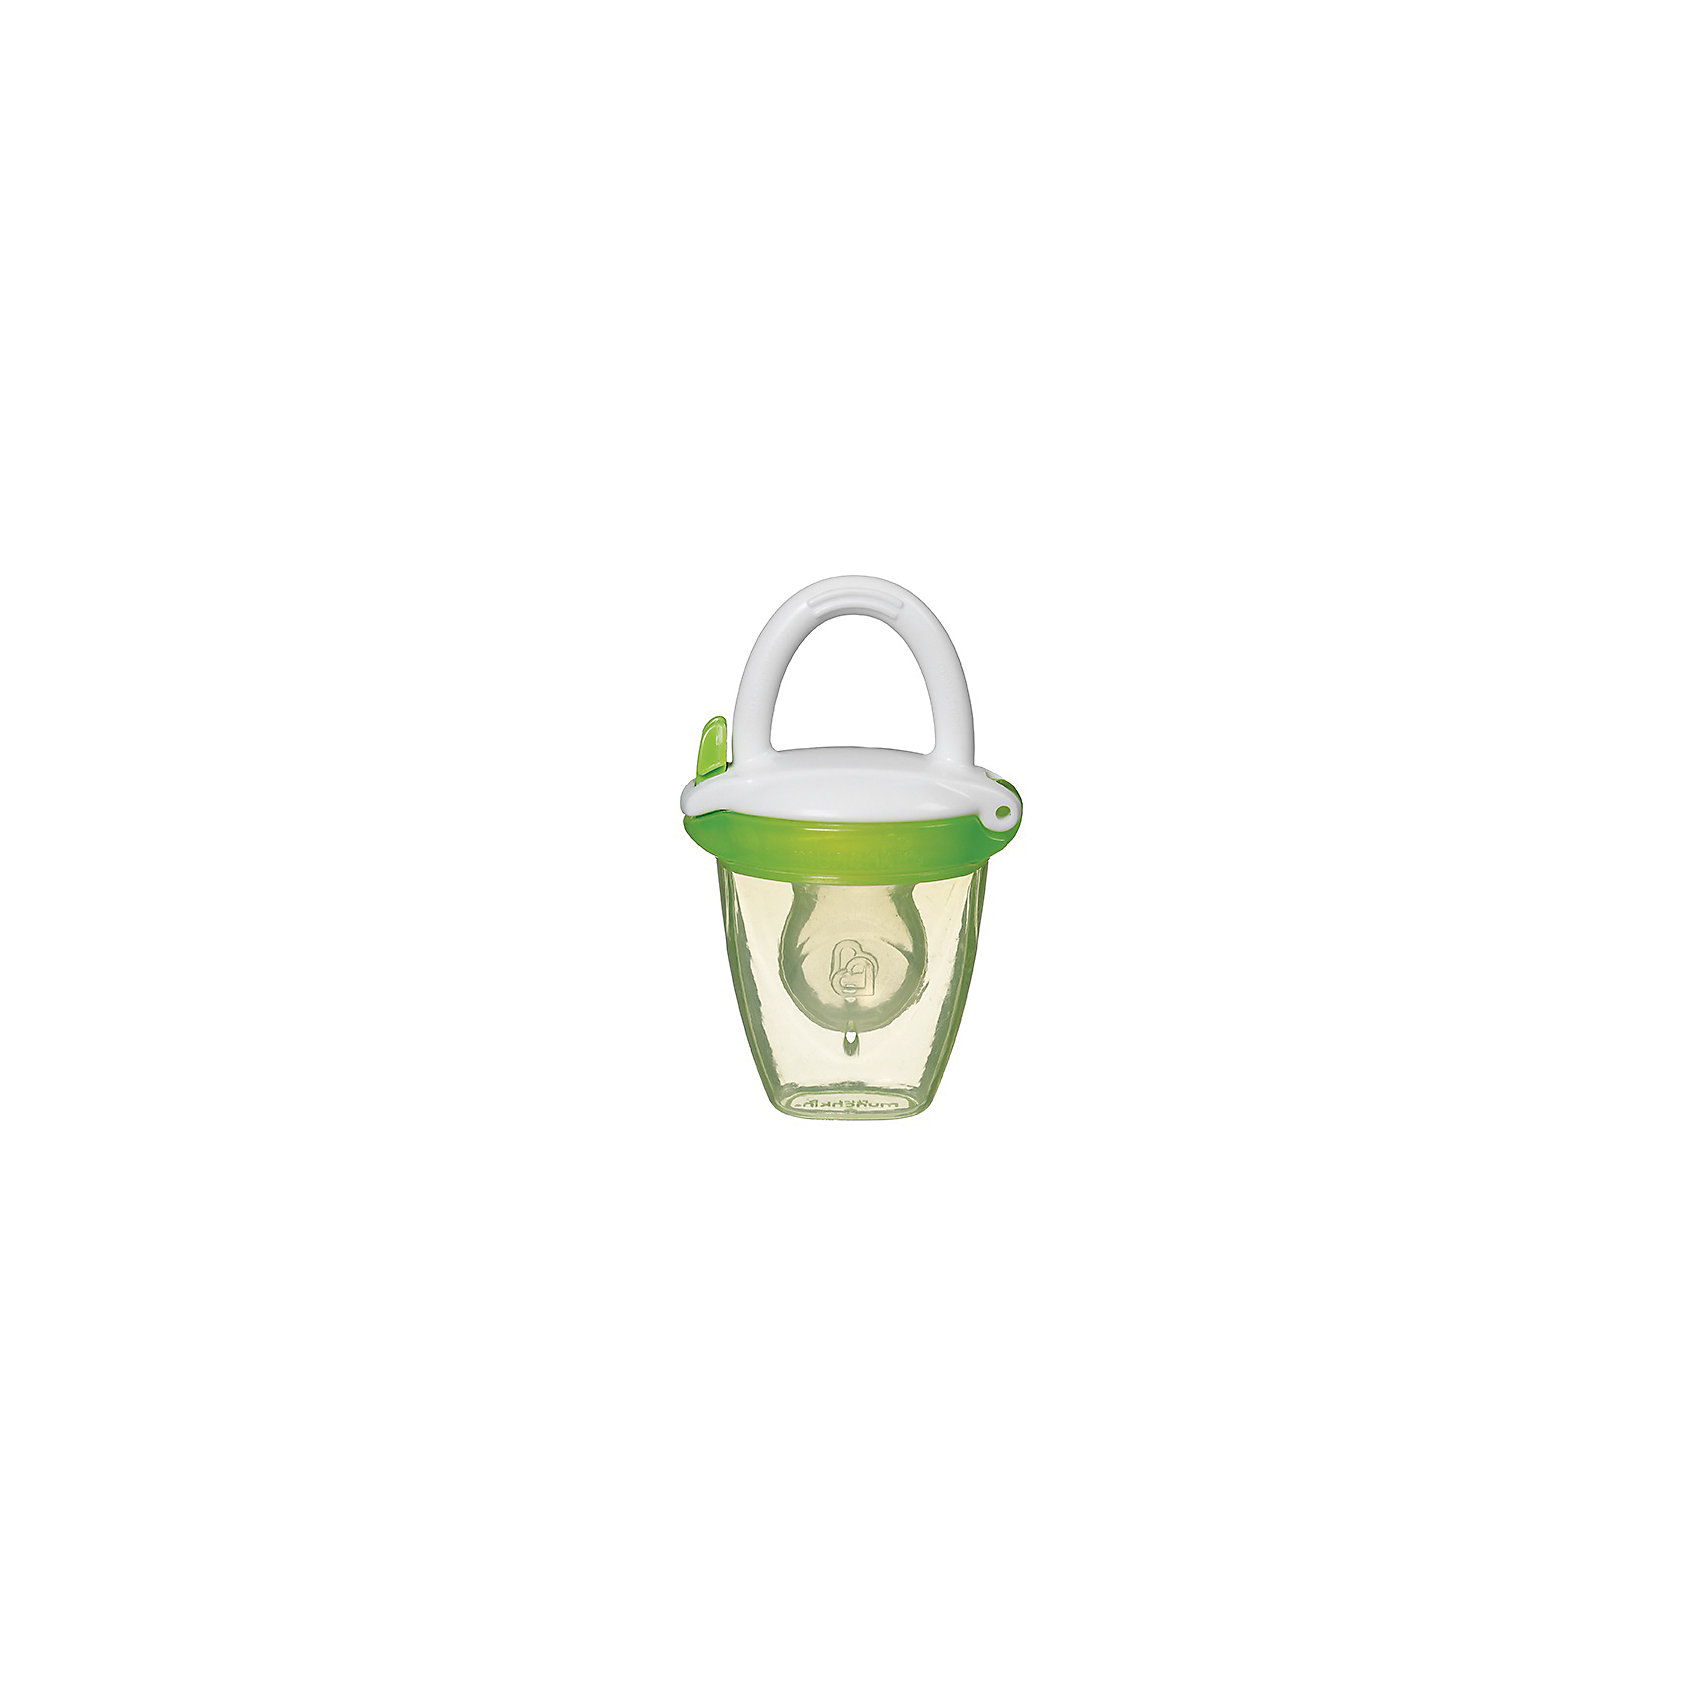 Ниблер для детского питания, Munchkin, зеленыйПрочие товары для кормления<br>Ниблер для детского питания, Munchkin, зеленый<br><br>Характеристики:<br><br>• Цвет: зеленый<br>• Материал: пластик, силикон<br>• Не содержит бисфенол А<br>• От 4 месяцев<br><br>Красивый и полностью безопасный ниблер сделан из качественных материалов, которые не содержат вредных веществ. Отлично подходят для введения прикорма: кусочков фруктов, овощей, печенья и даже мяса. Силиконовая часть, в которую помещены кусочки фруктов и овощей, пропускает еду в виде пюре. Это помогает на первоначальных этапах прикорма. Кроме этого ниблер может послужить прорезывателем для зубов. Удобная ручка не выскальзывает из маленьких рук ребенка и помогает ему самостоятельно учиться кушать. Есть крышечка в комплекте. Ниблер легко чистить.<br><br>Ниблер для детского питания, Munchkin, зеленый можно купить в нашем интернет-магазине.<br><br>Ширина мм: 50<br>Глубина мм: 200<br>Высота мм: 100<br>Вес г: 50<br>Возраст от месяцев: 4<br>Возраст до месяцев: 12<br>Пол: Унисекс<br>Возраст: Детский<br>SKU: 5101194